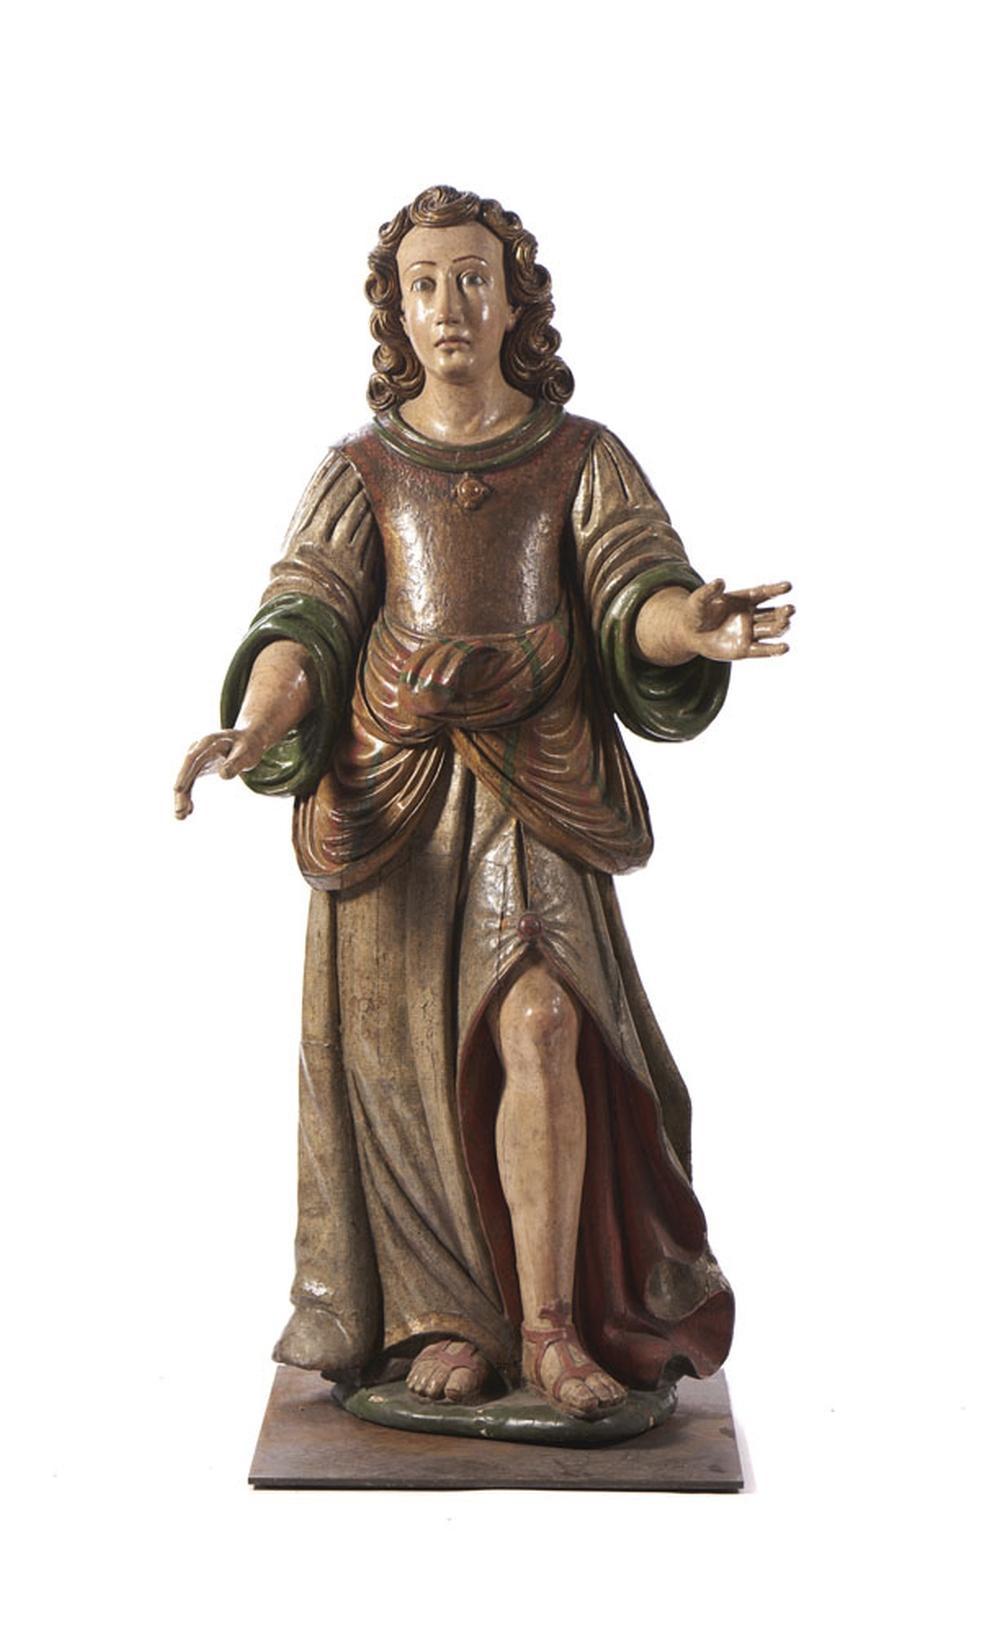 Par de serafins, do séc. XVII/XVIII, madeira (2)